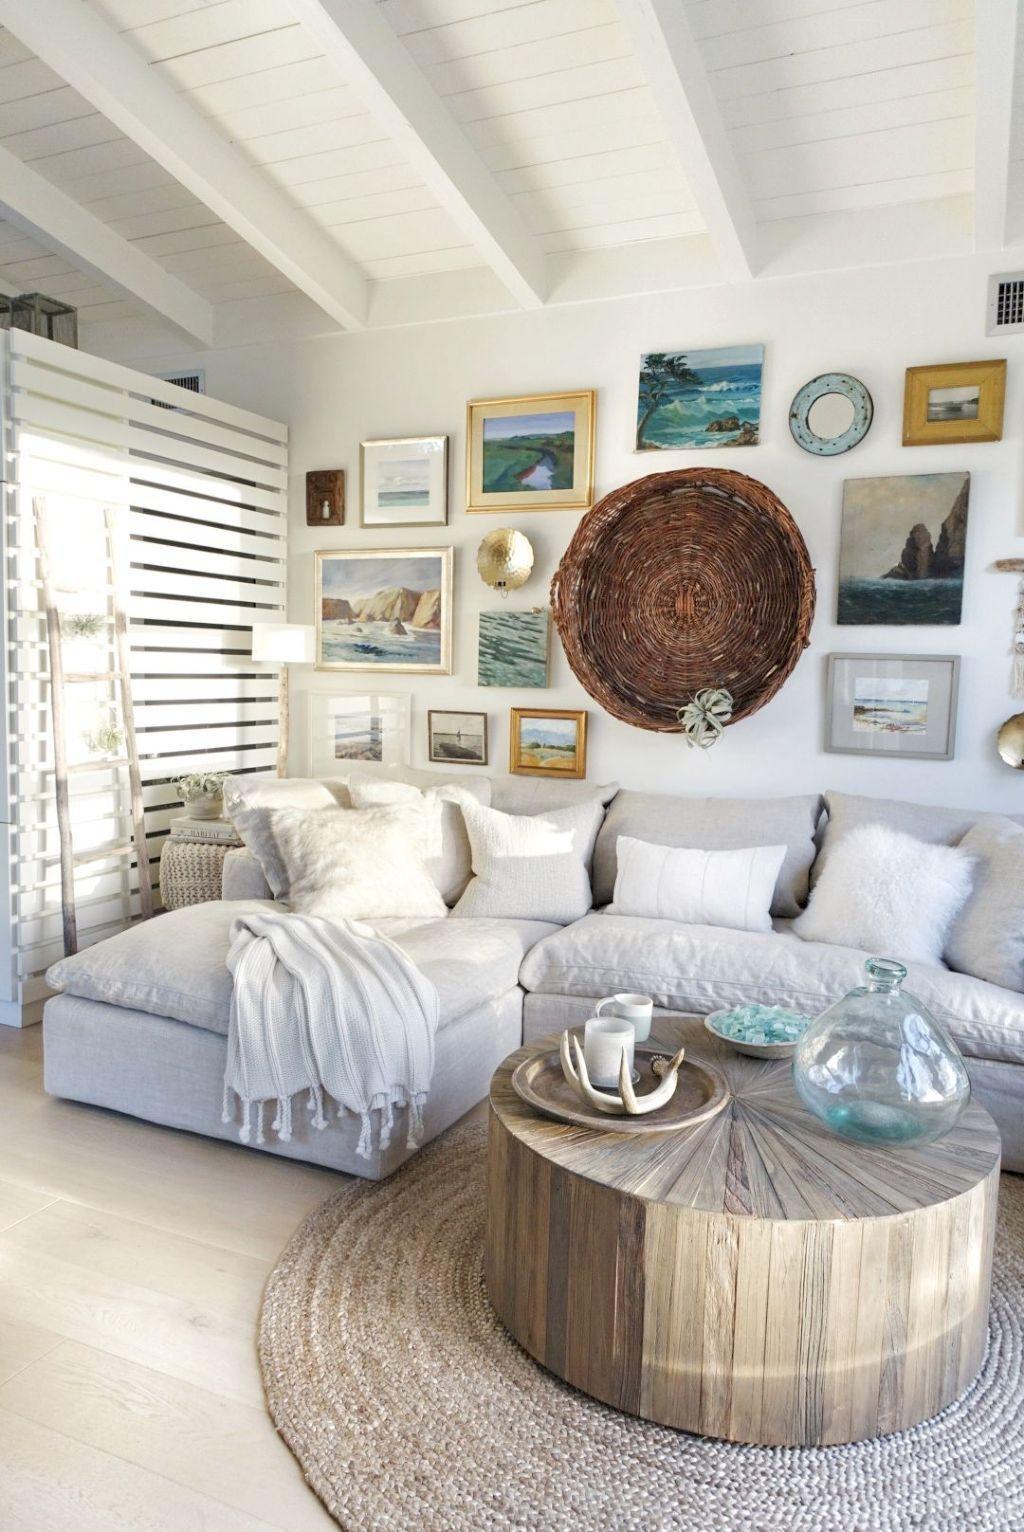 38 Comfy Coastal Living Room Decor and Design Ideas | Coastal living ...